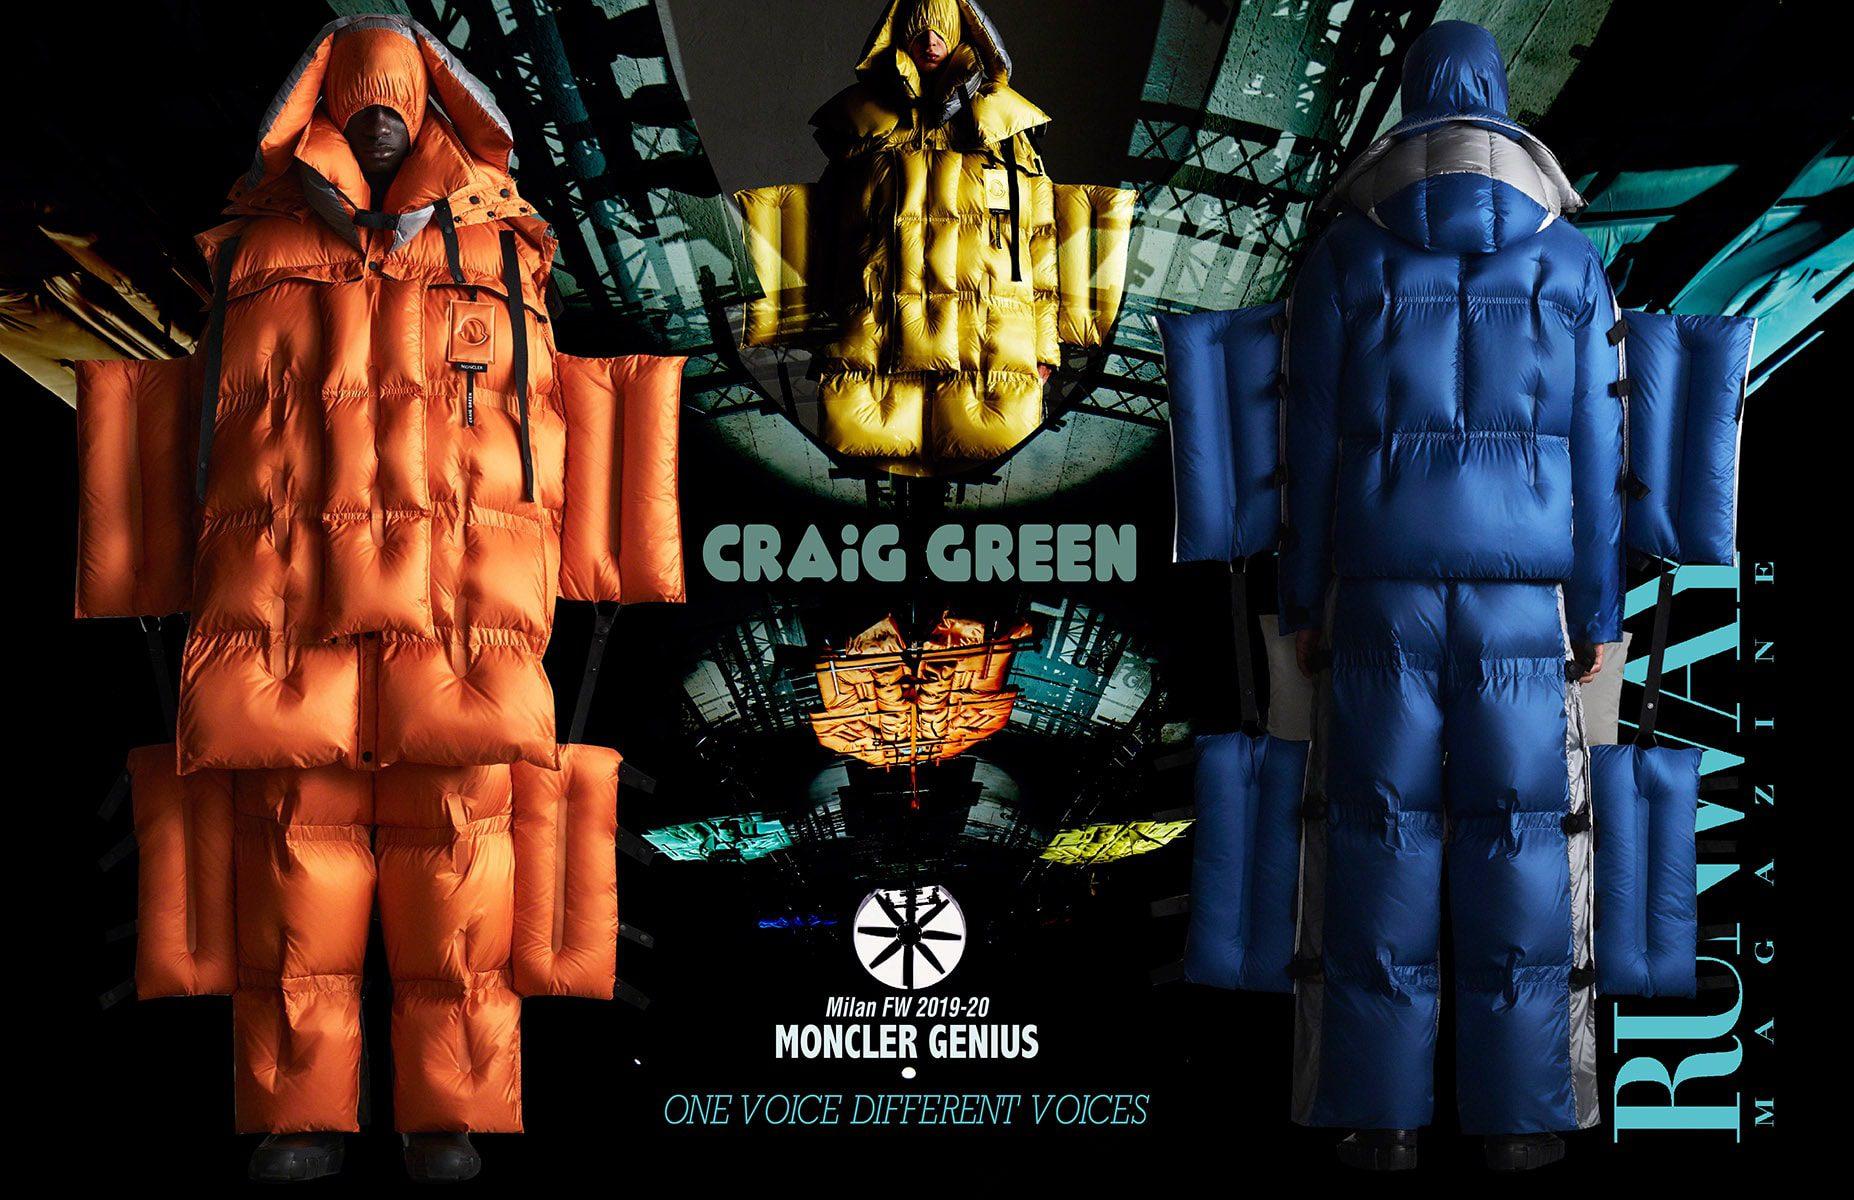 Moncler Genius Fall-Winter 2019-2020 Milan - Designer Craig Green by Runway Magazine